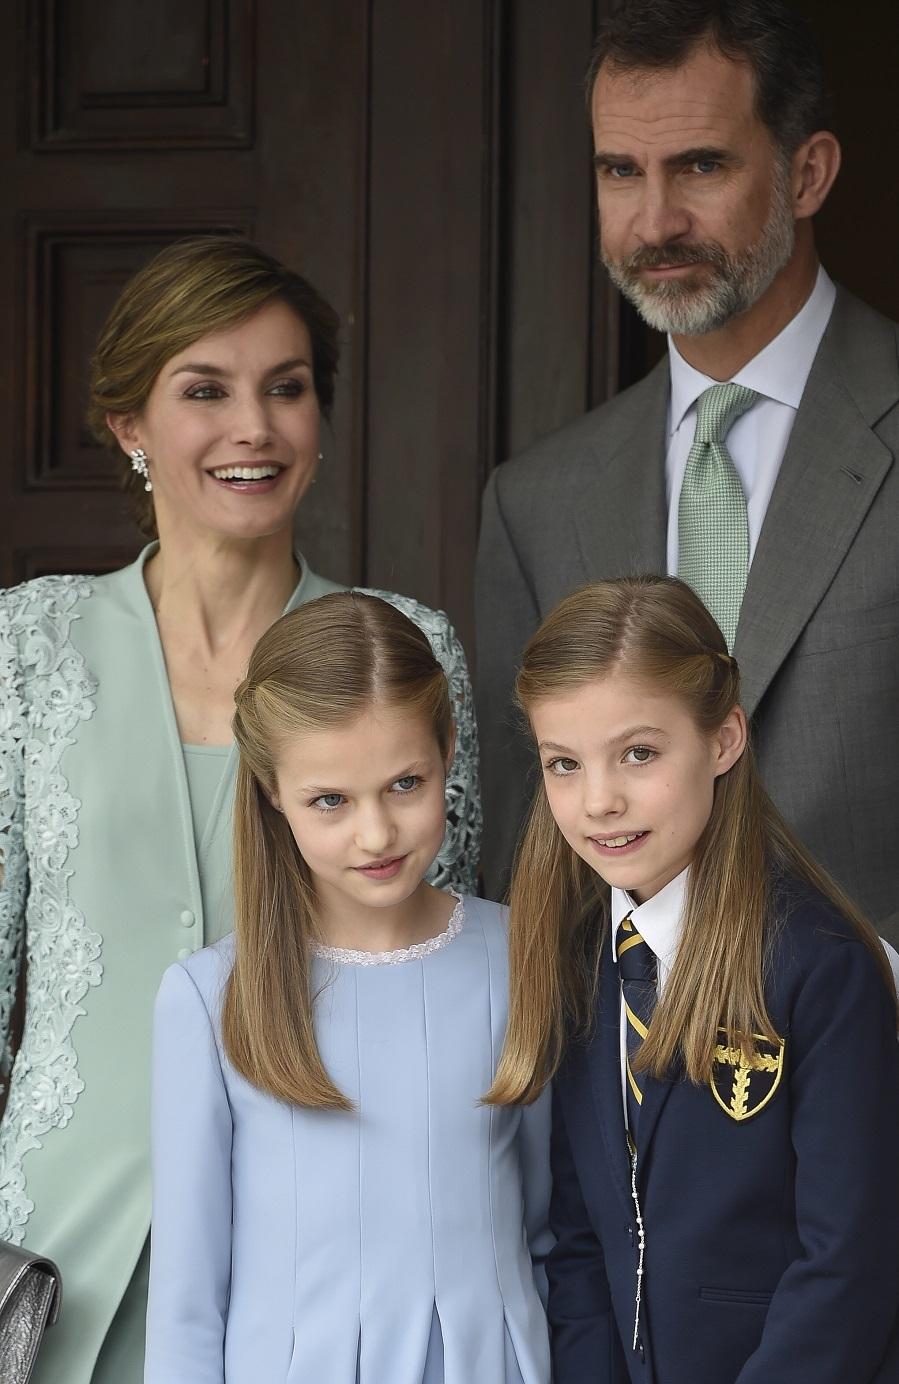 Don Felipe y Doña Letizia han decidido ir conjuntados a la Comunión...